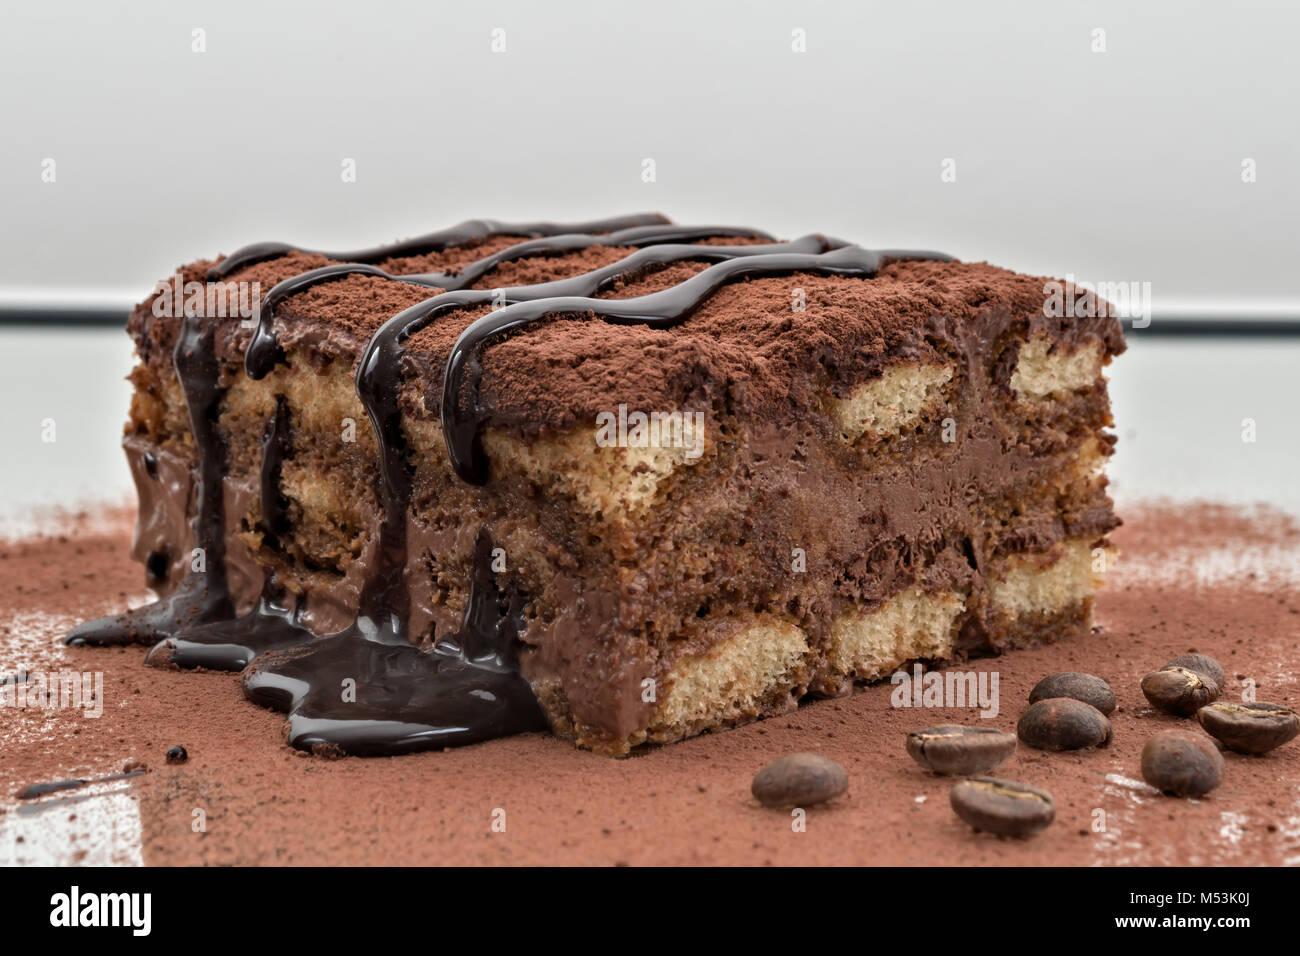 tiramisu dessert portion 9 - Stock Image